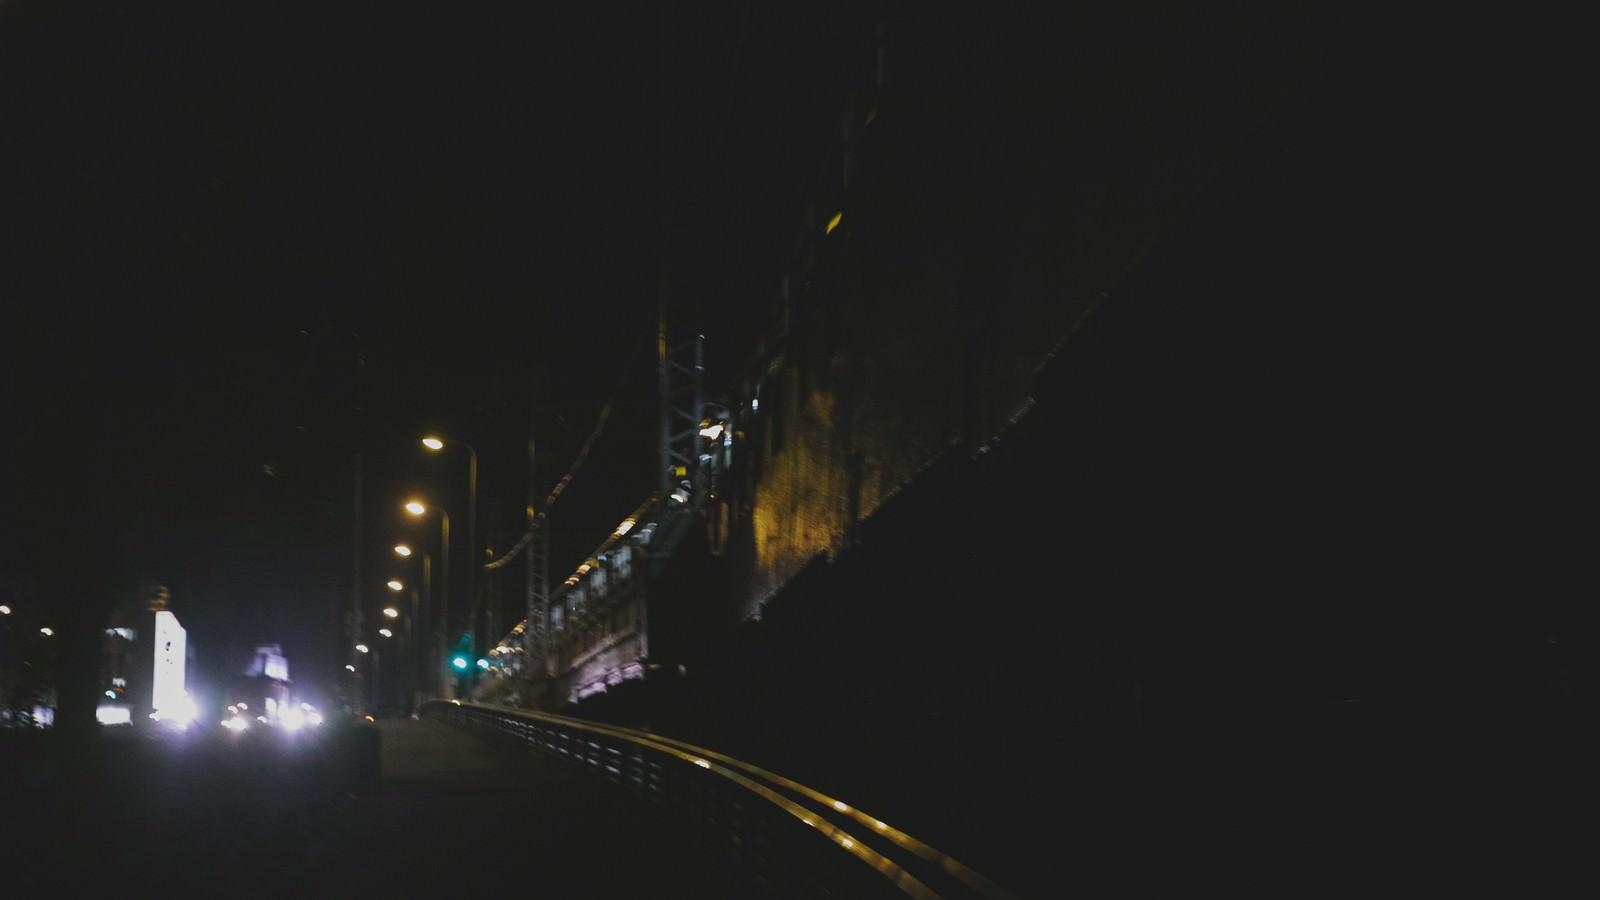 「終電を逃して徒歩帰り」の写真